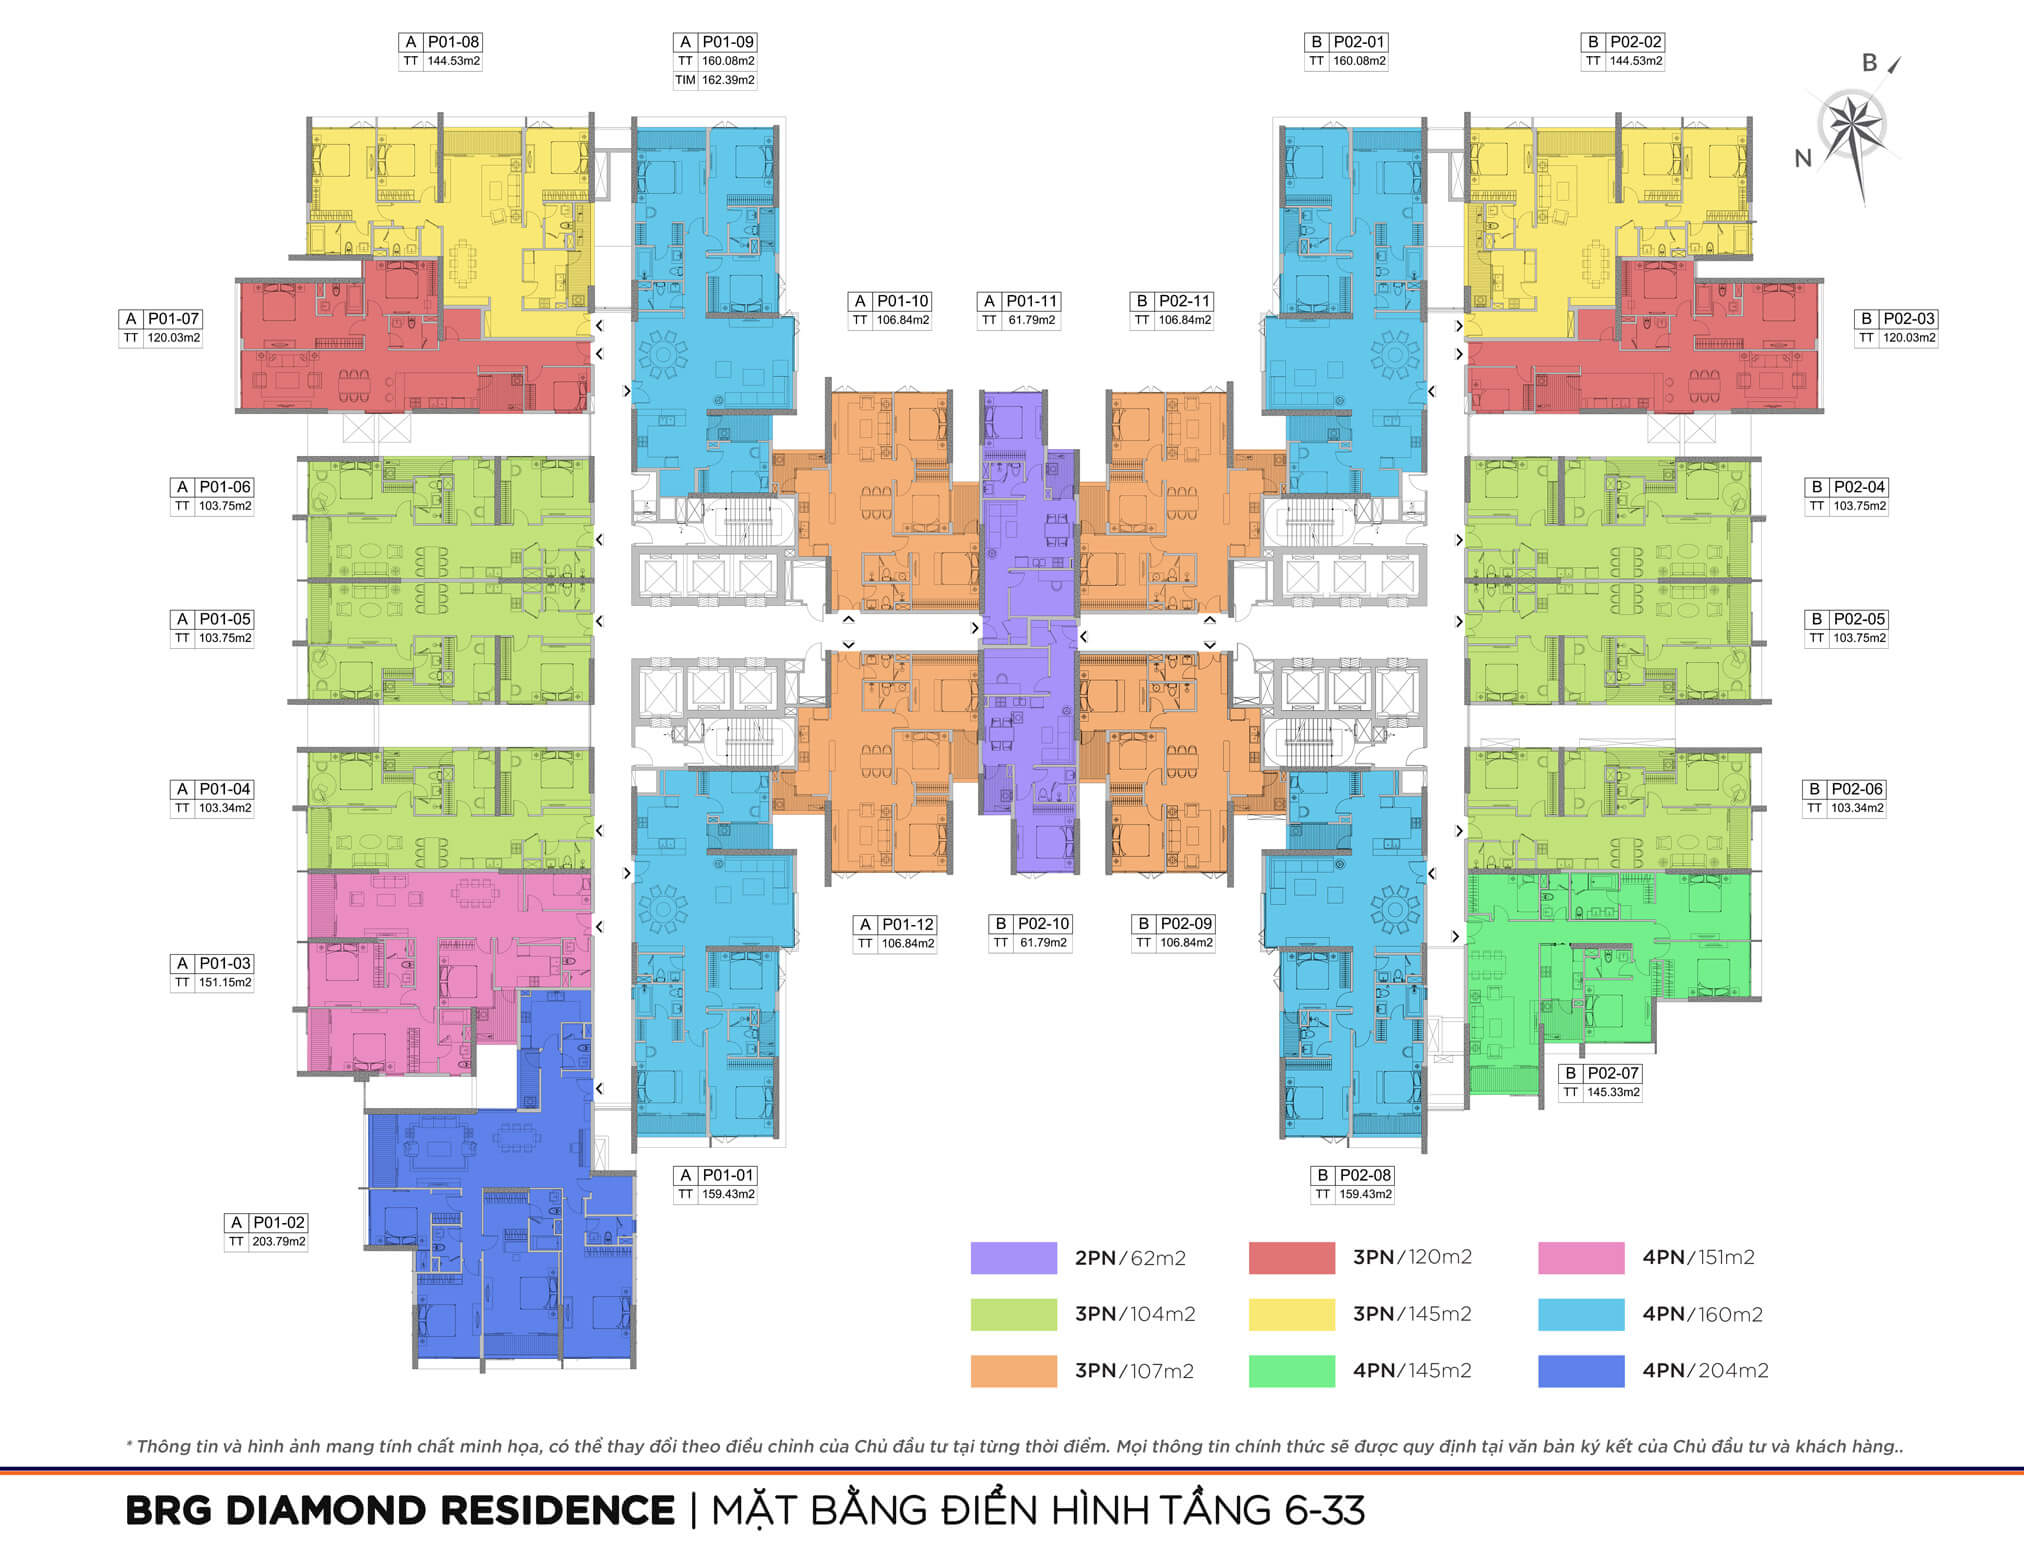 mặt bằng dự án brg diamond residence 25 lê văn lương